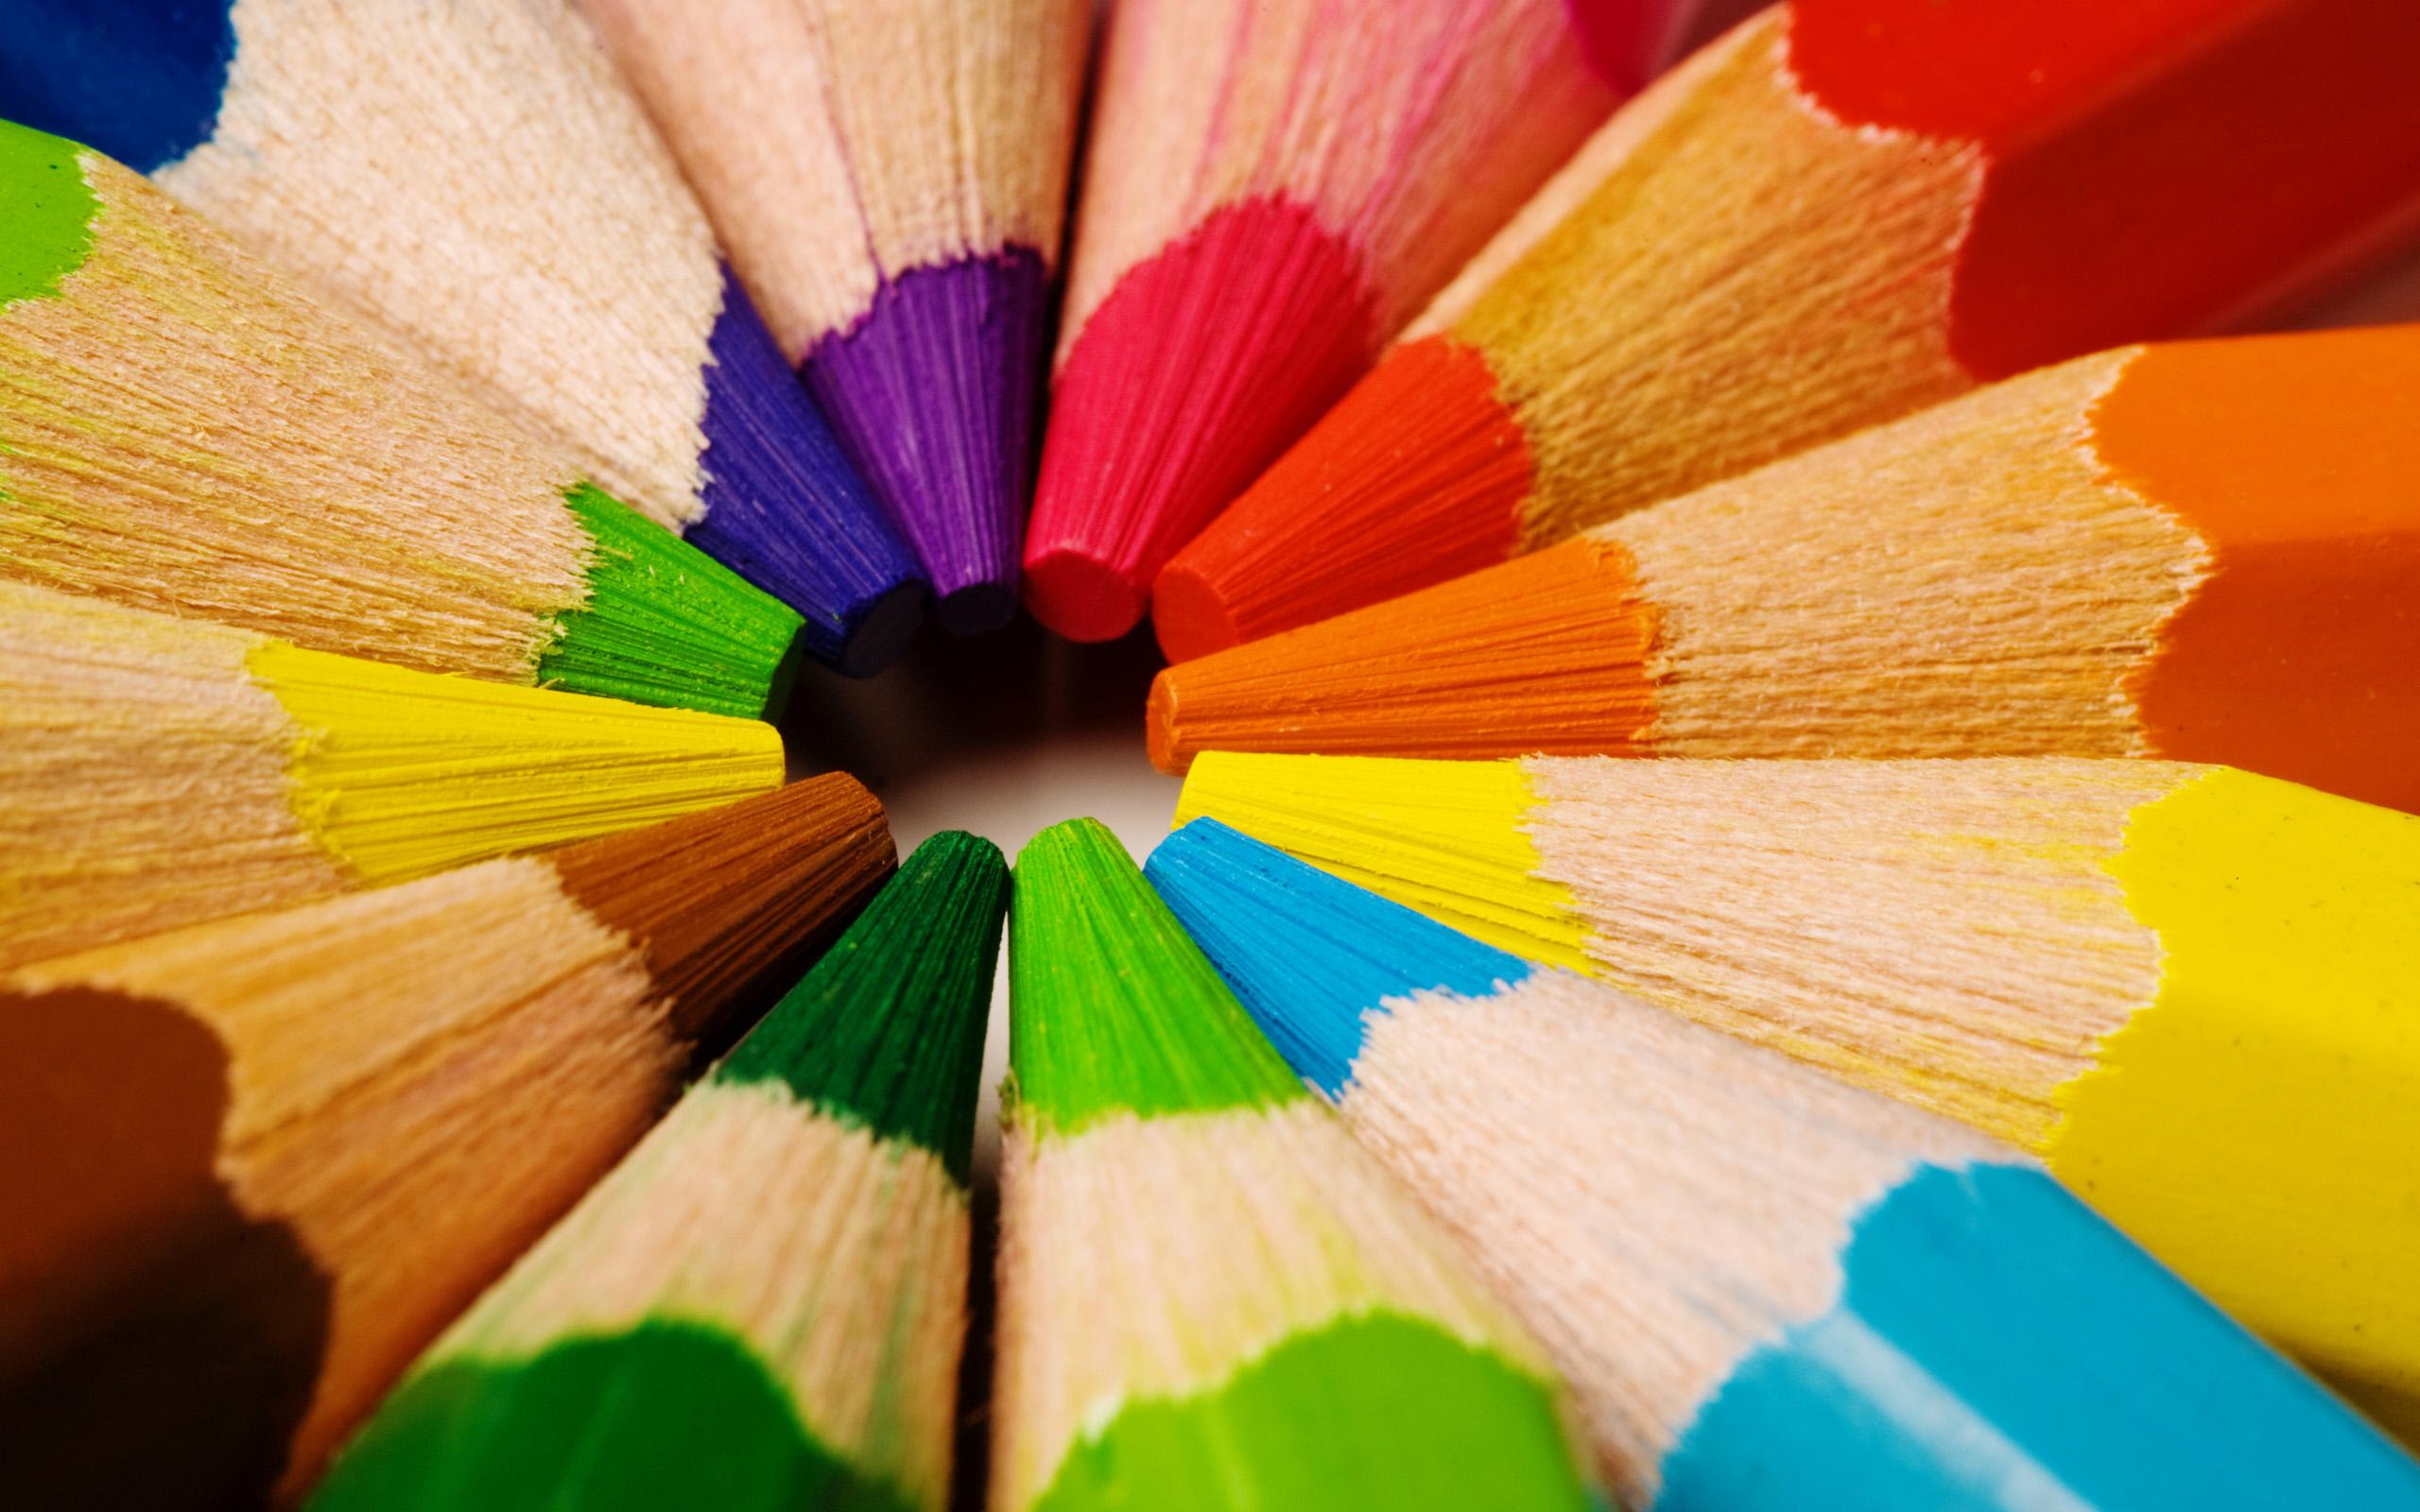 رنگ ها چه حسی را به ما القا می کنند